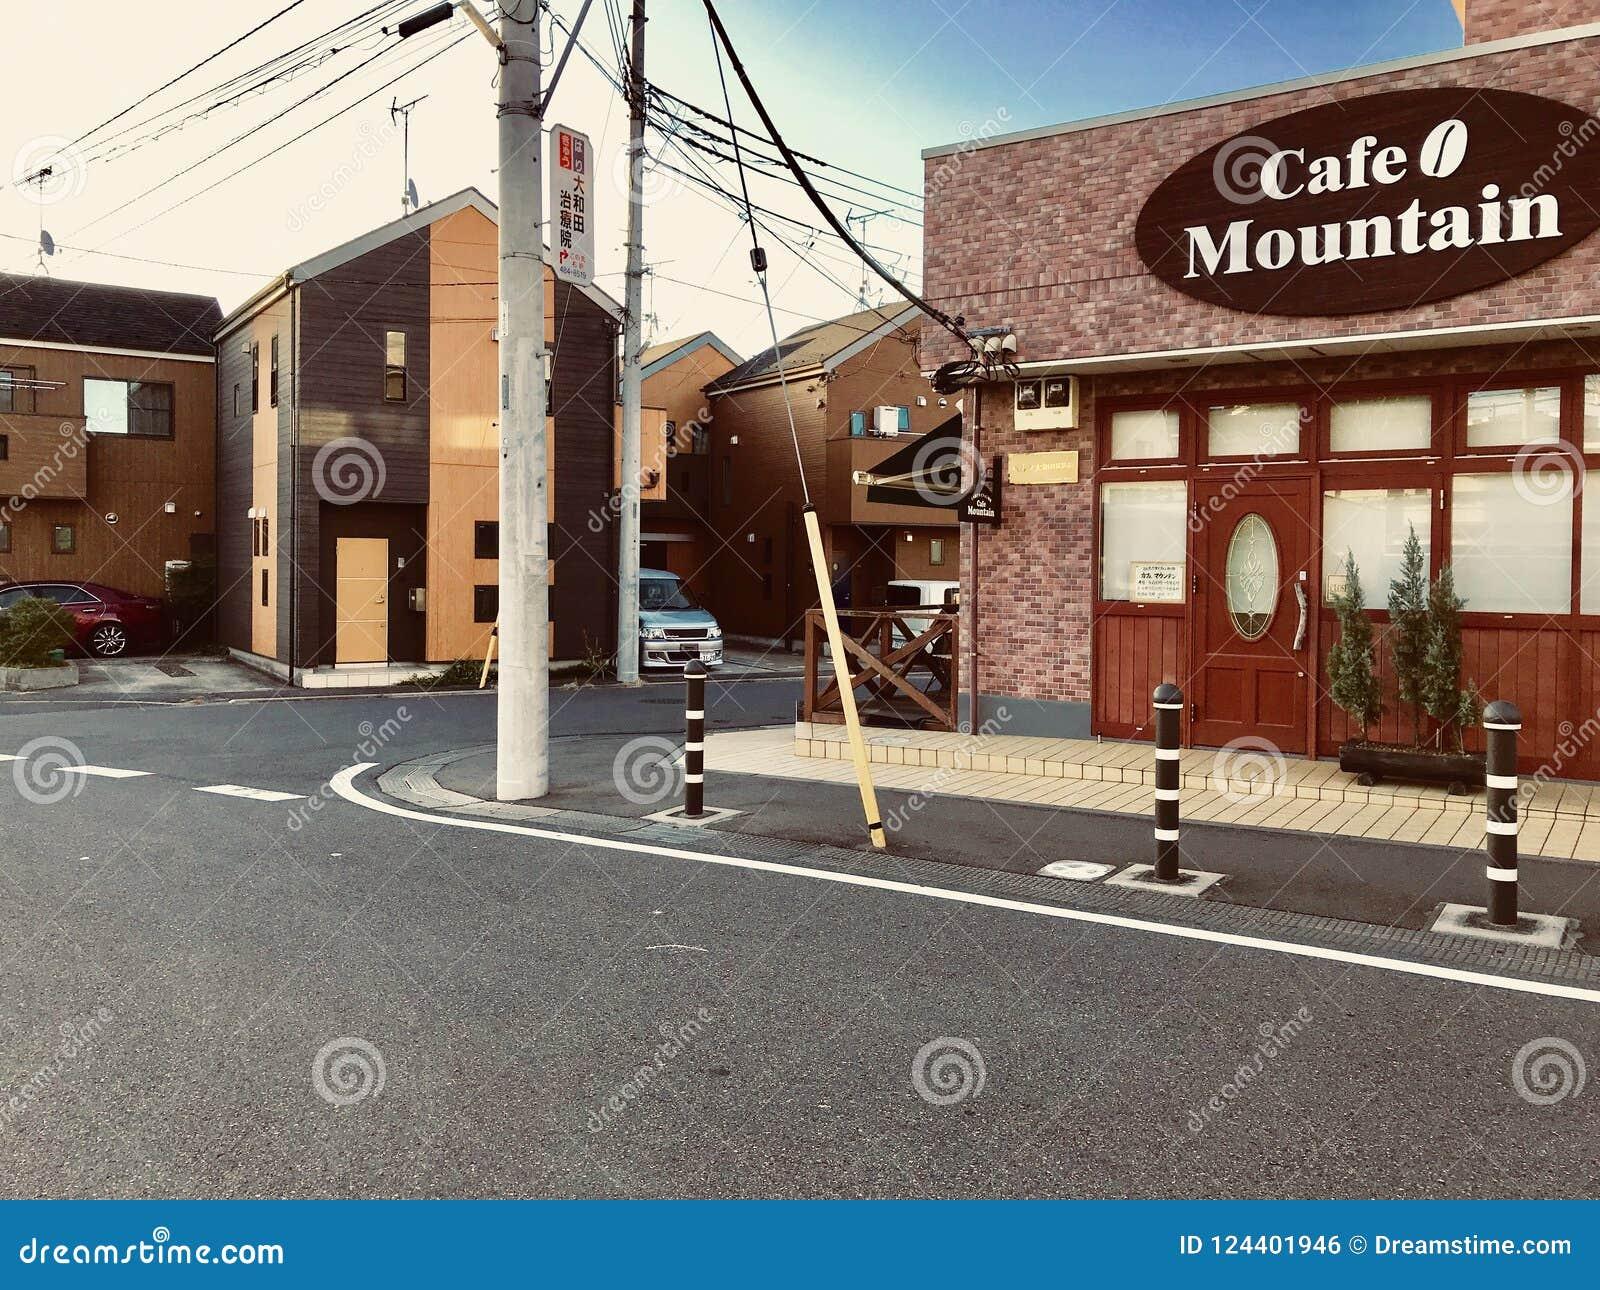 Μια καφετερία κοντά σε έναν σταθμό στην ιαπωνική επαρχία